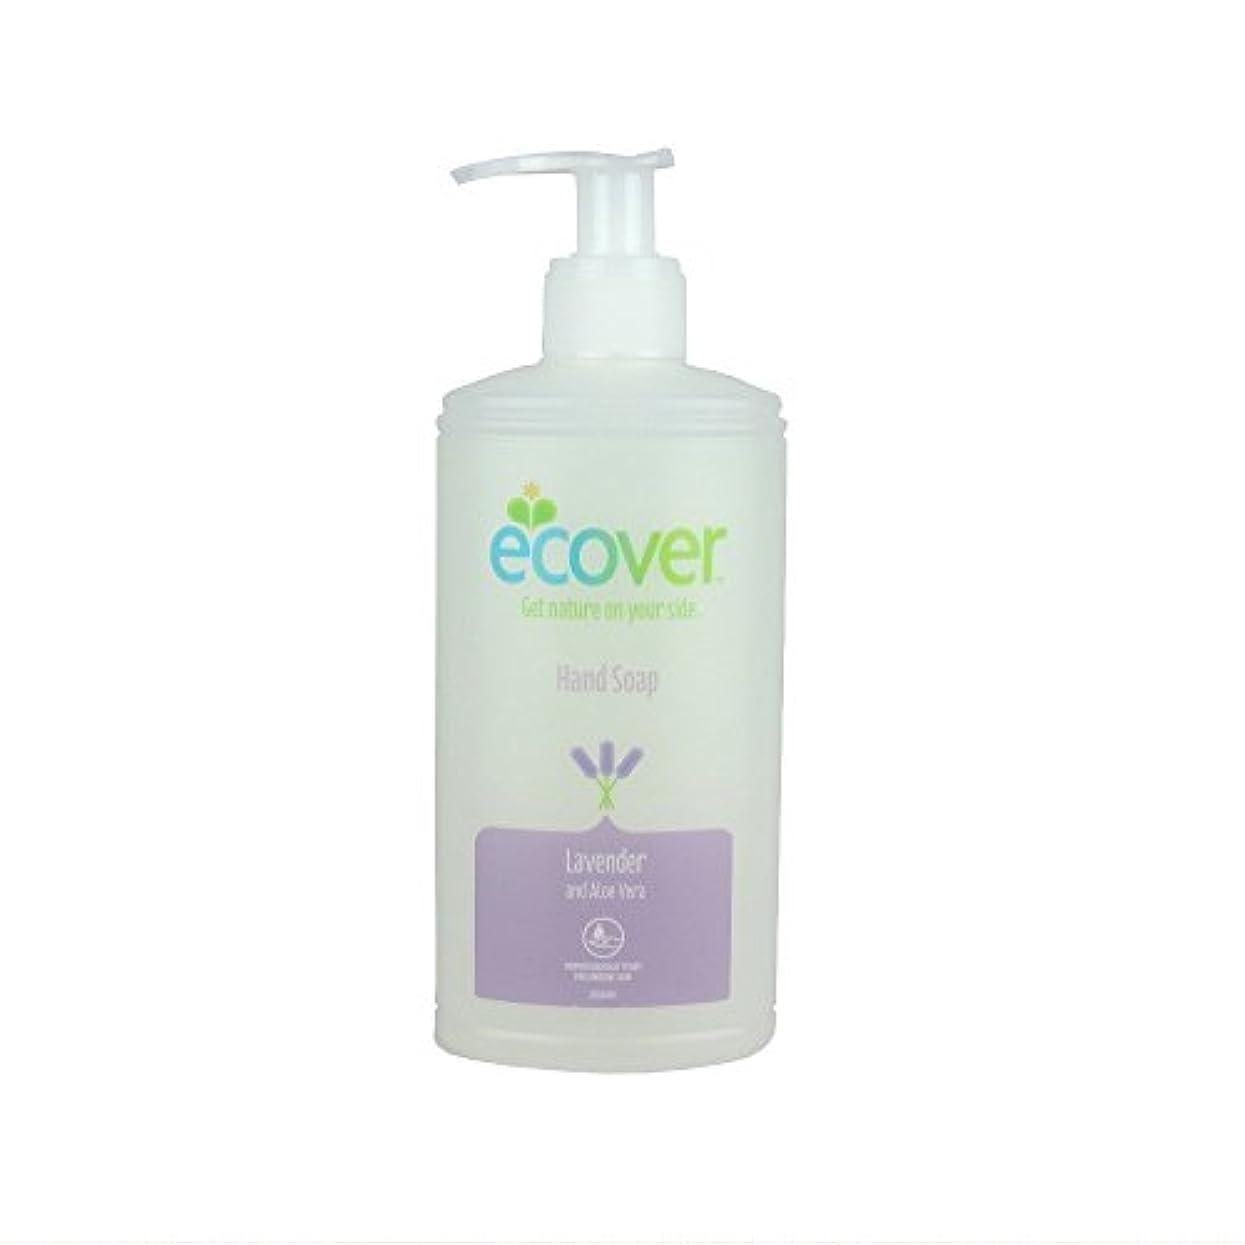 パッチオプショナル発明するEcover Liquid Hand Soap Lavender & Aloe Vera (250ml) 液体ハンドソープラベンダーとアロエベラ( 250ミリリットル)をエコベール